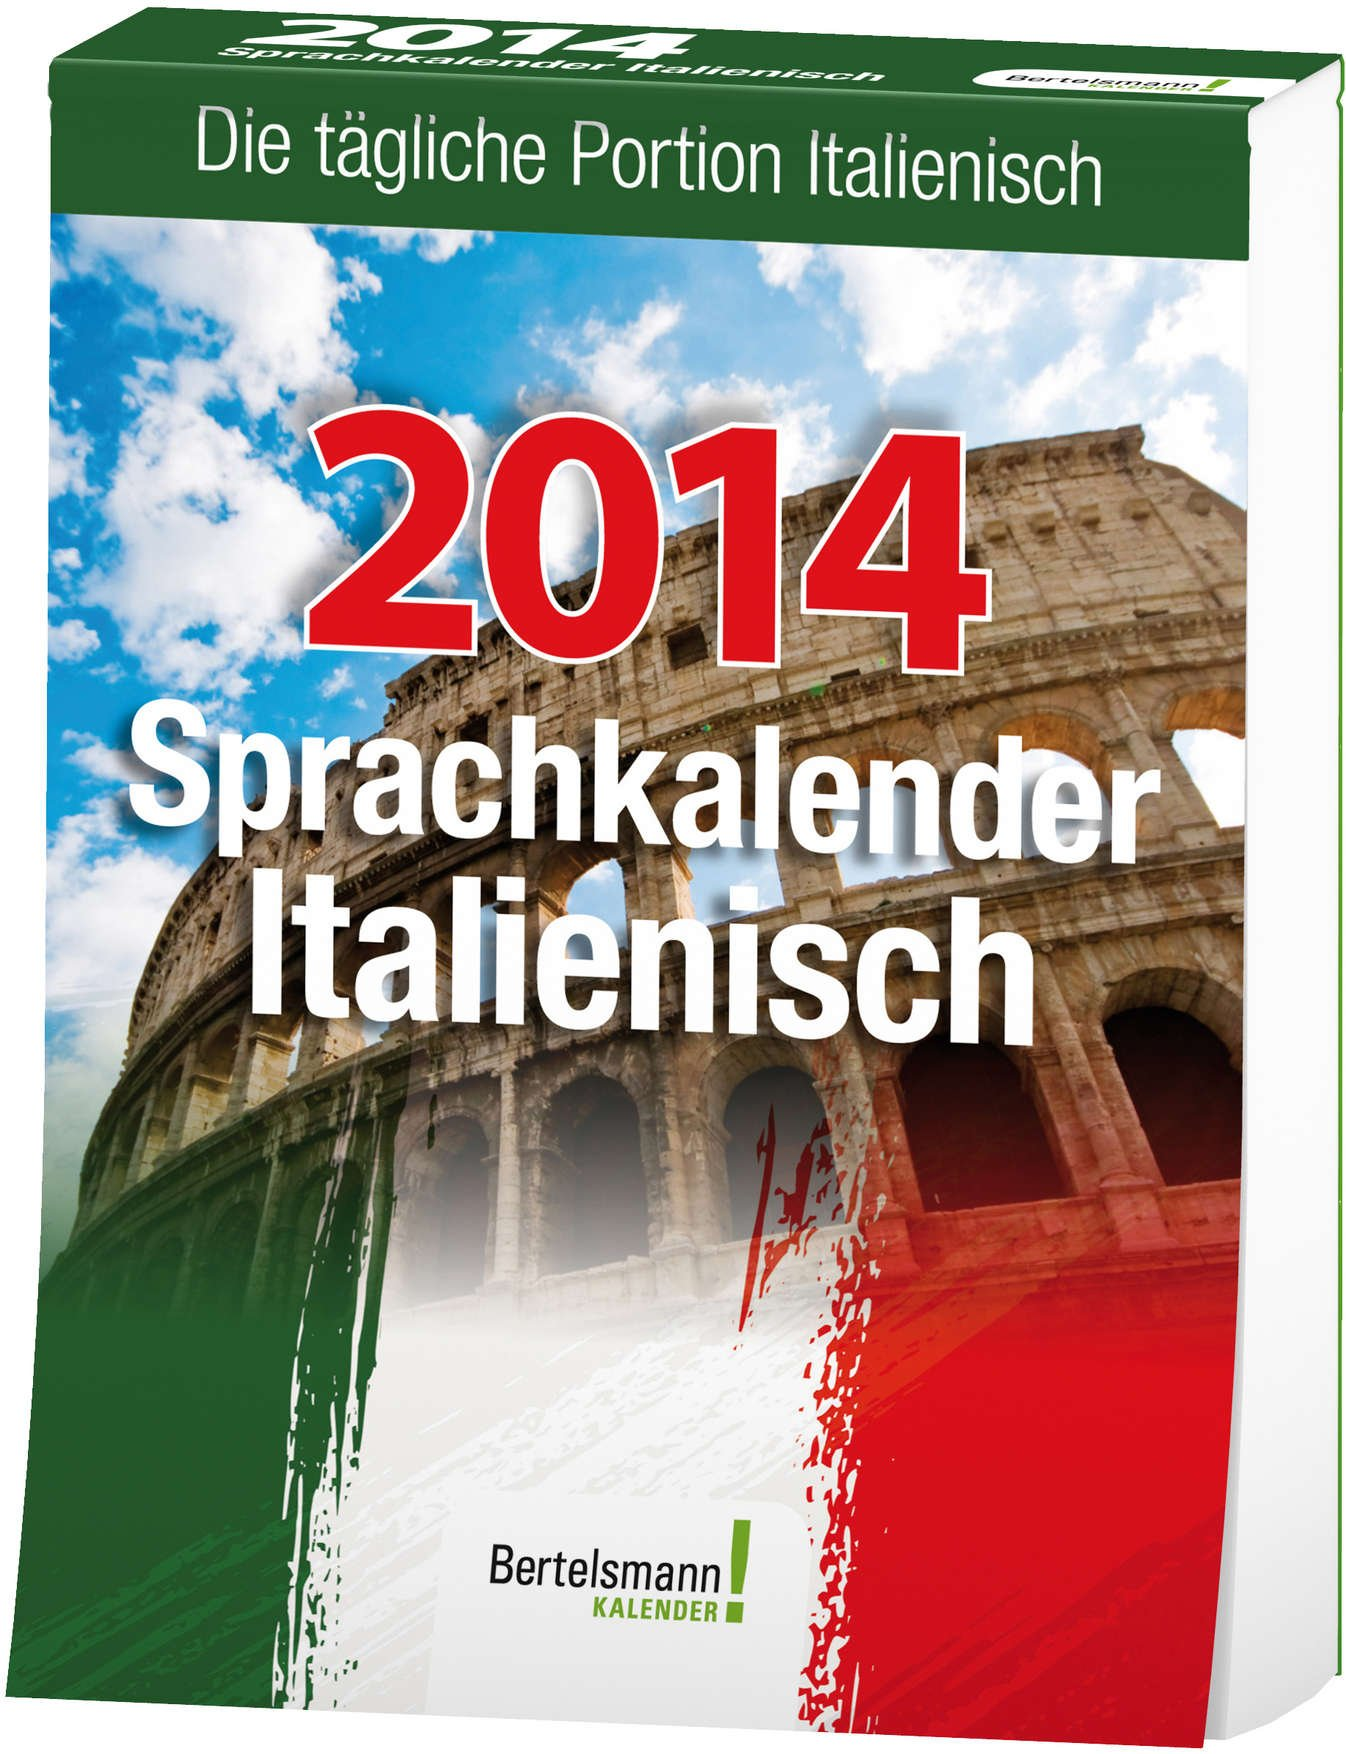 Sprachkalender Italienisch 2014: Die tägliche Portion Italienisch